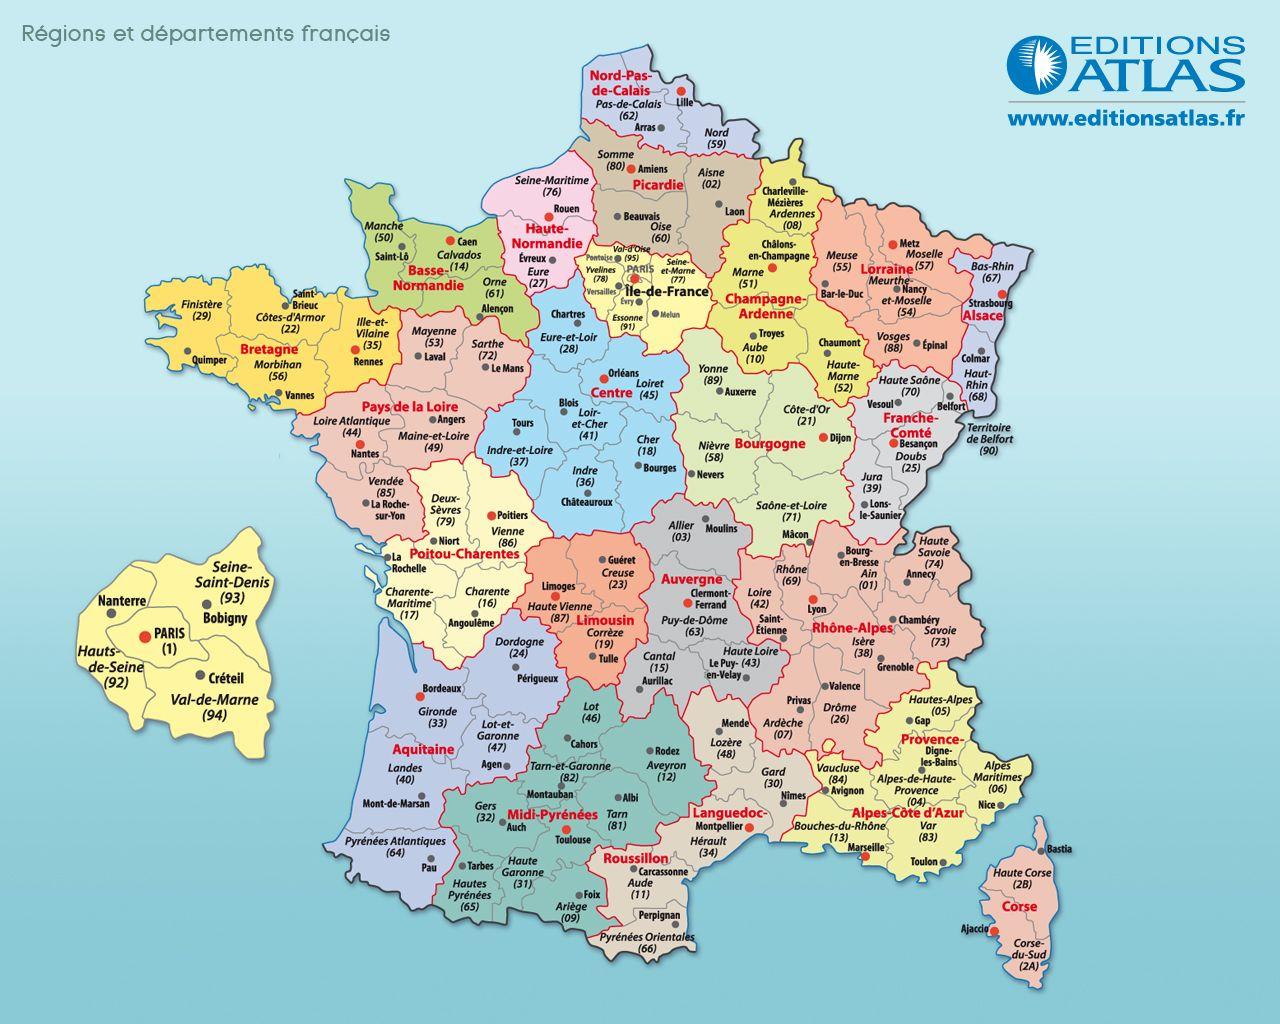 Carte De France Départements Villes Et Régions | Carte De intérieur Carte Departement Francais Avec Villes